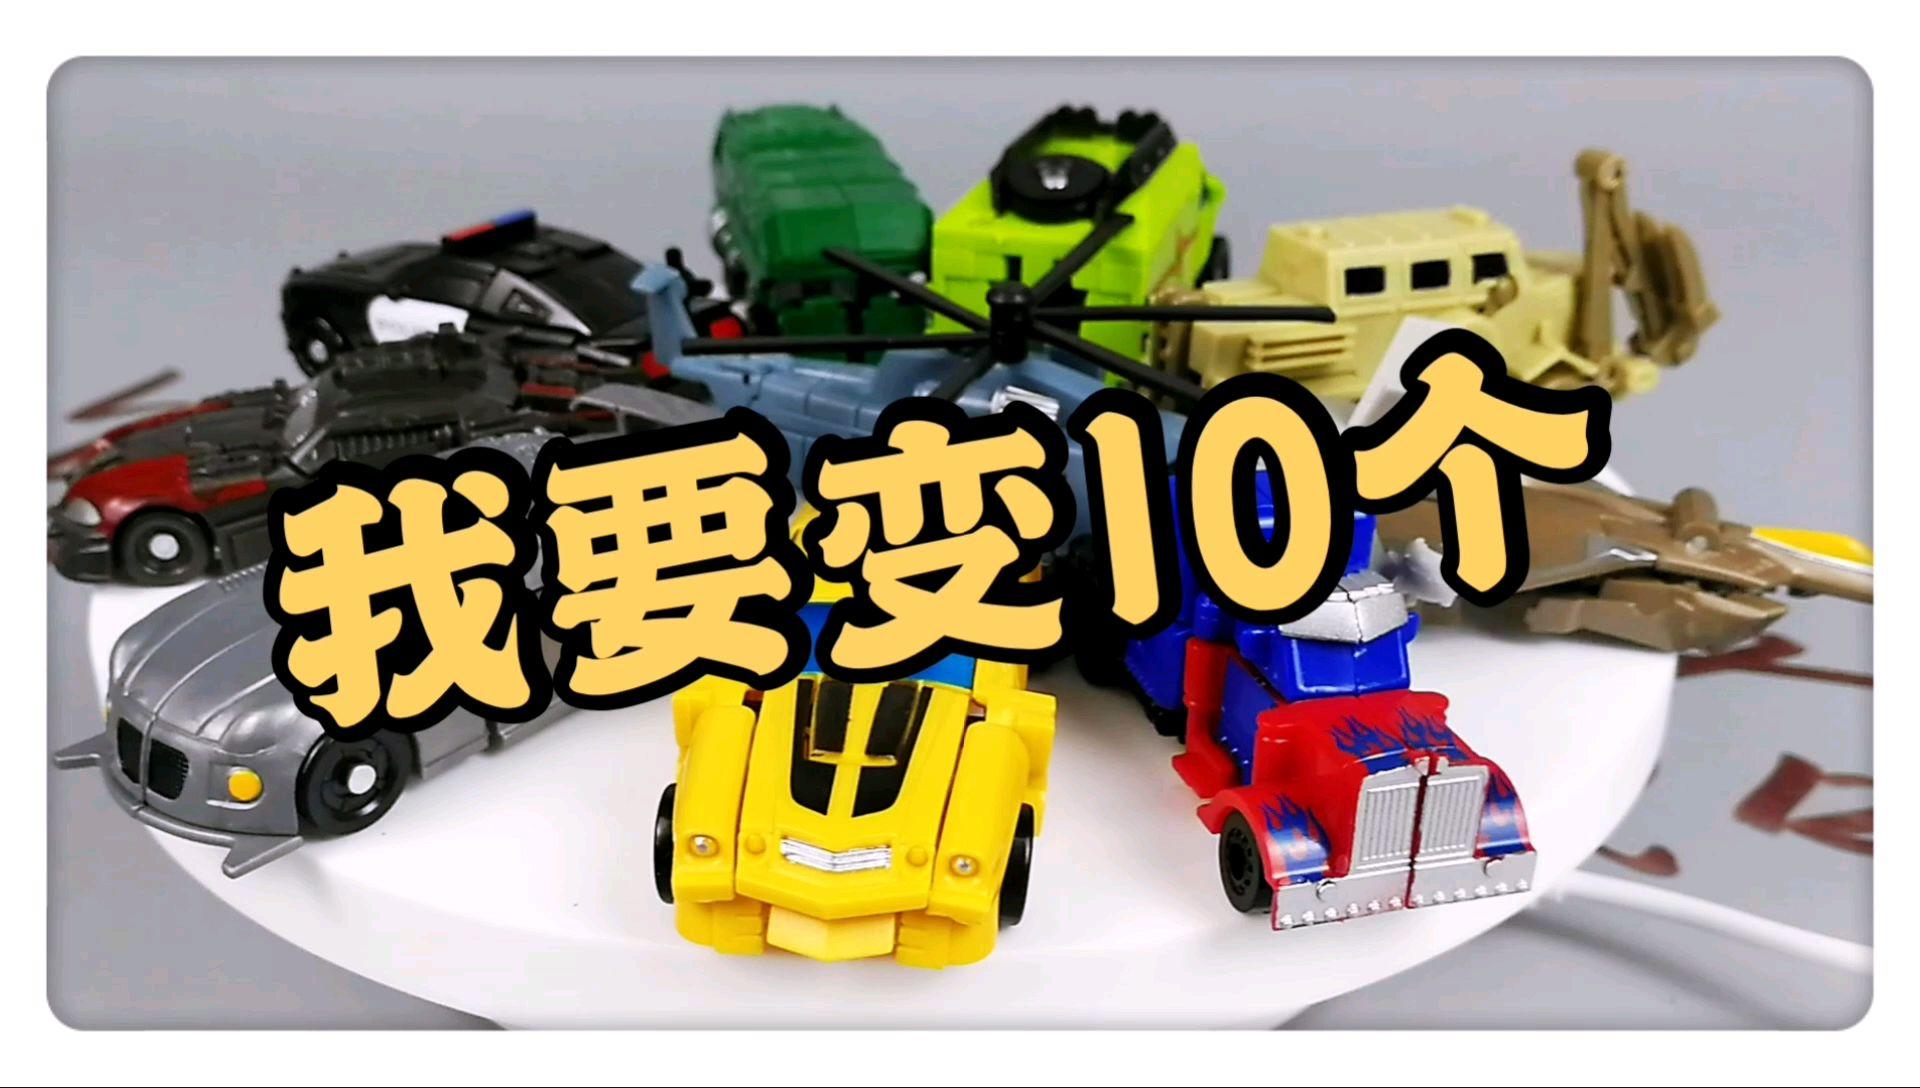 #28【邹小茹】我要变10个 蒙巴迪 传奇级小车 变形金刚